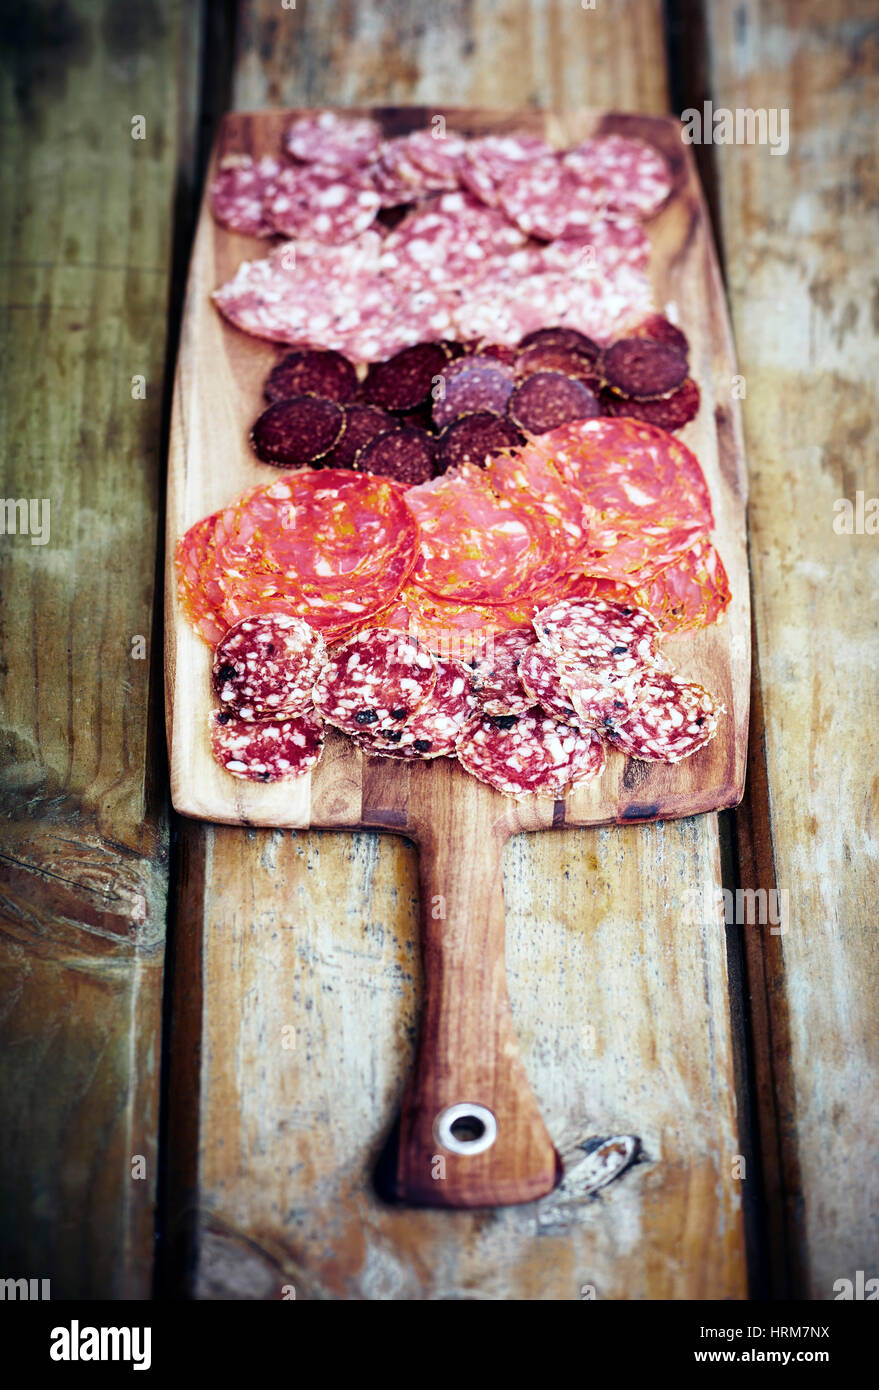 Antipasti von verschiedenen Wurst und salami Stockbild